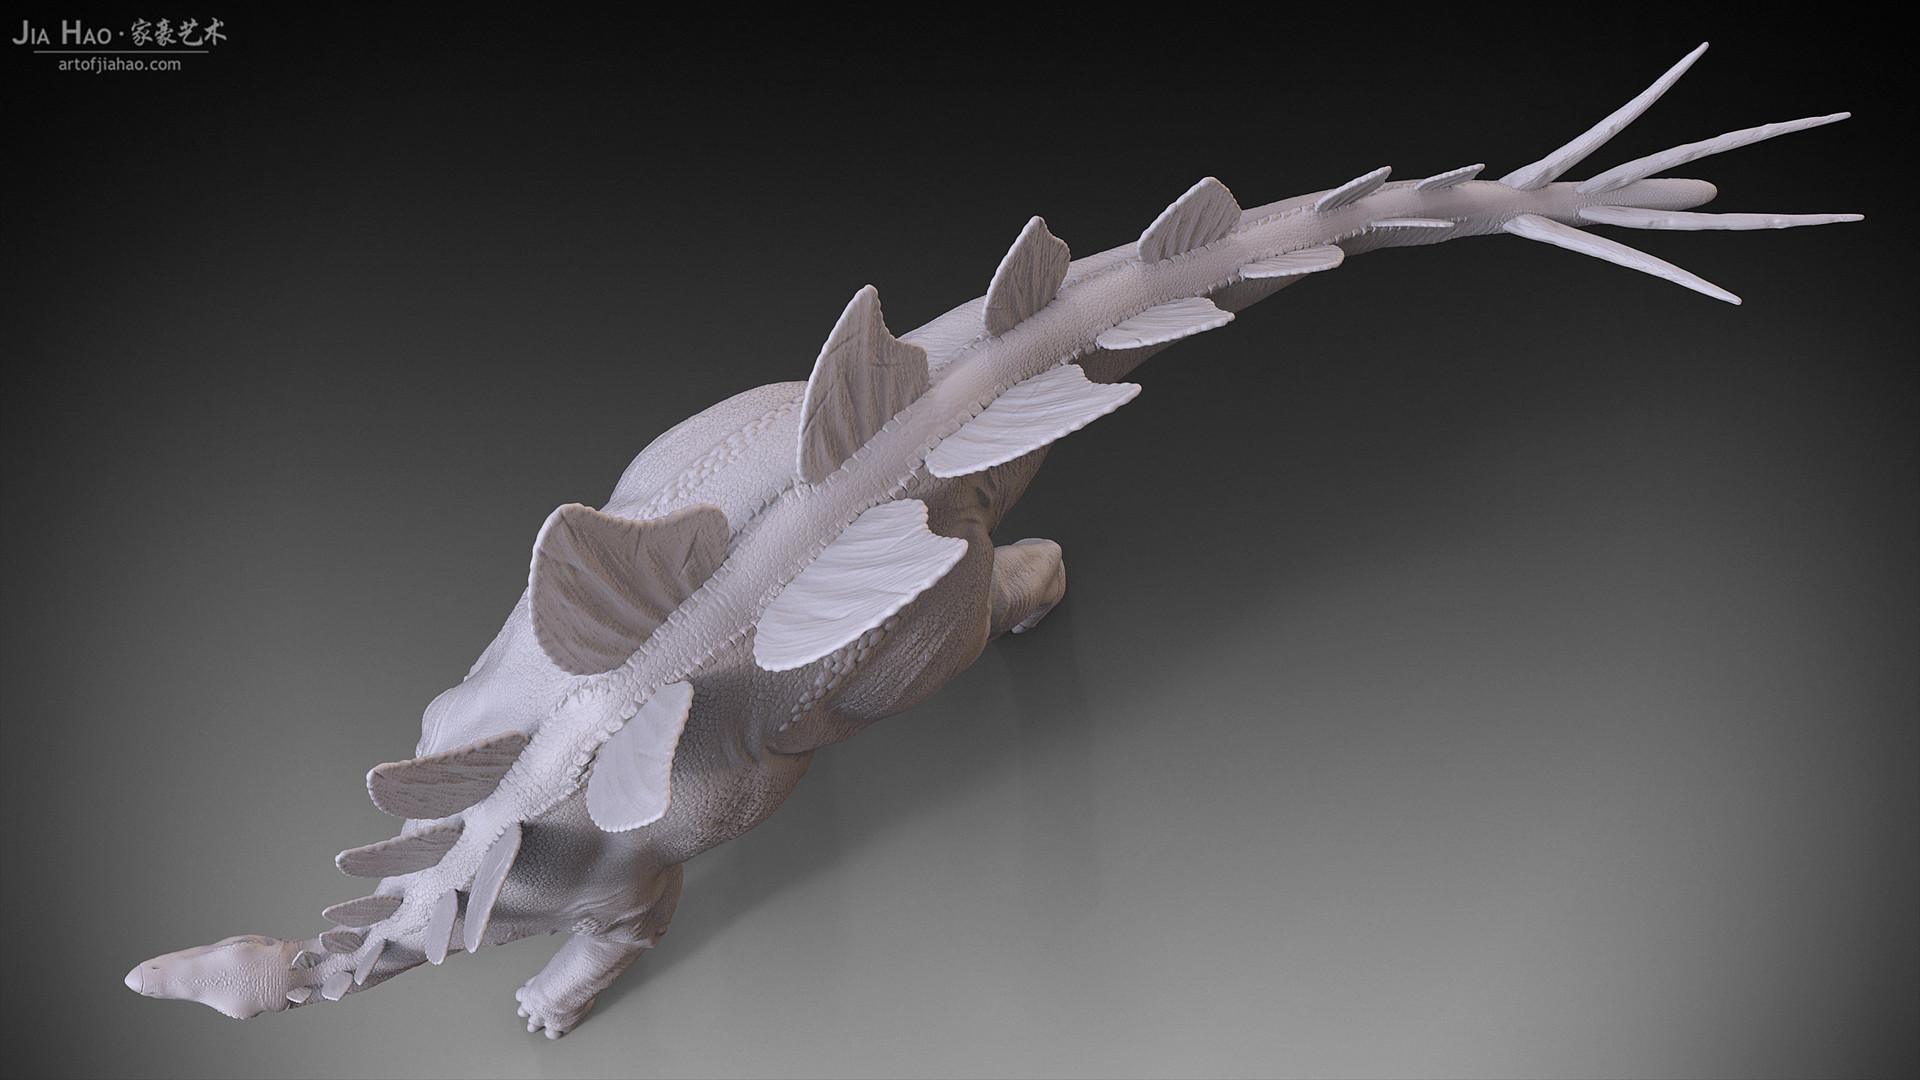 Jia hao stegosaurus 04